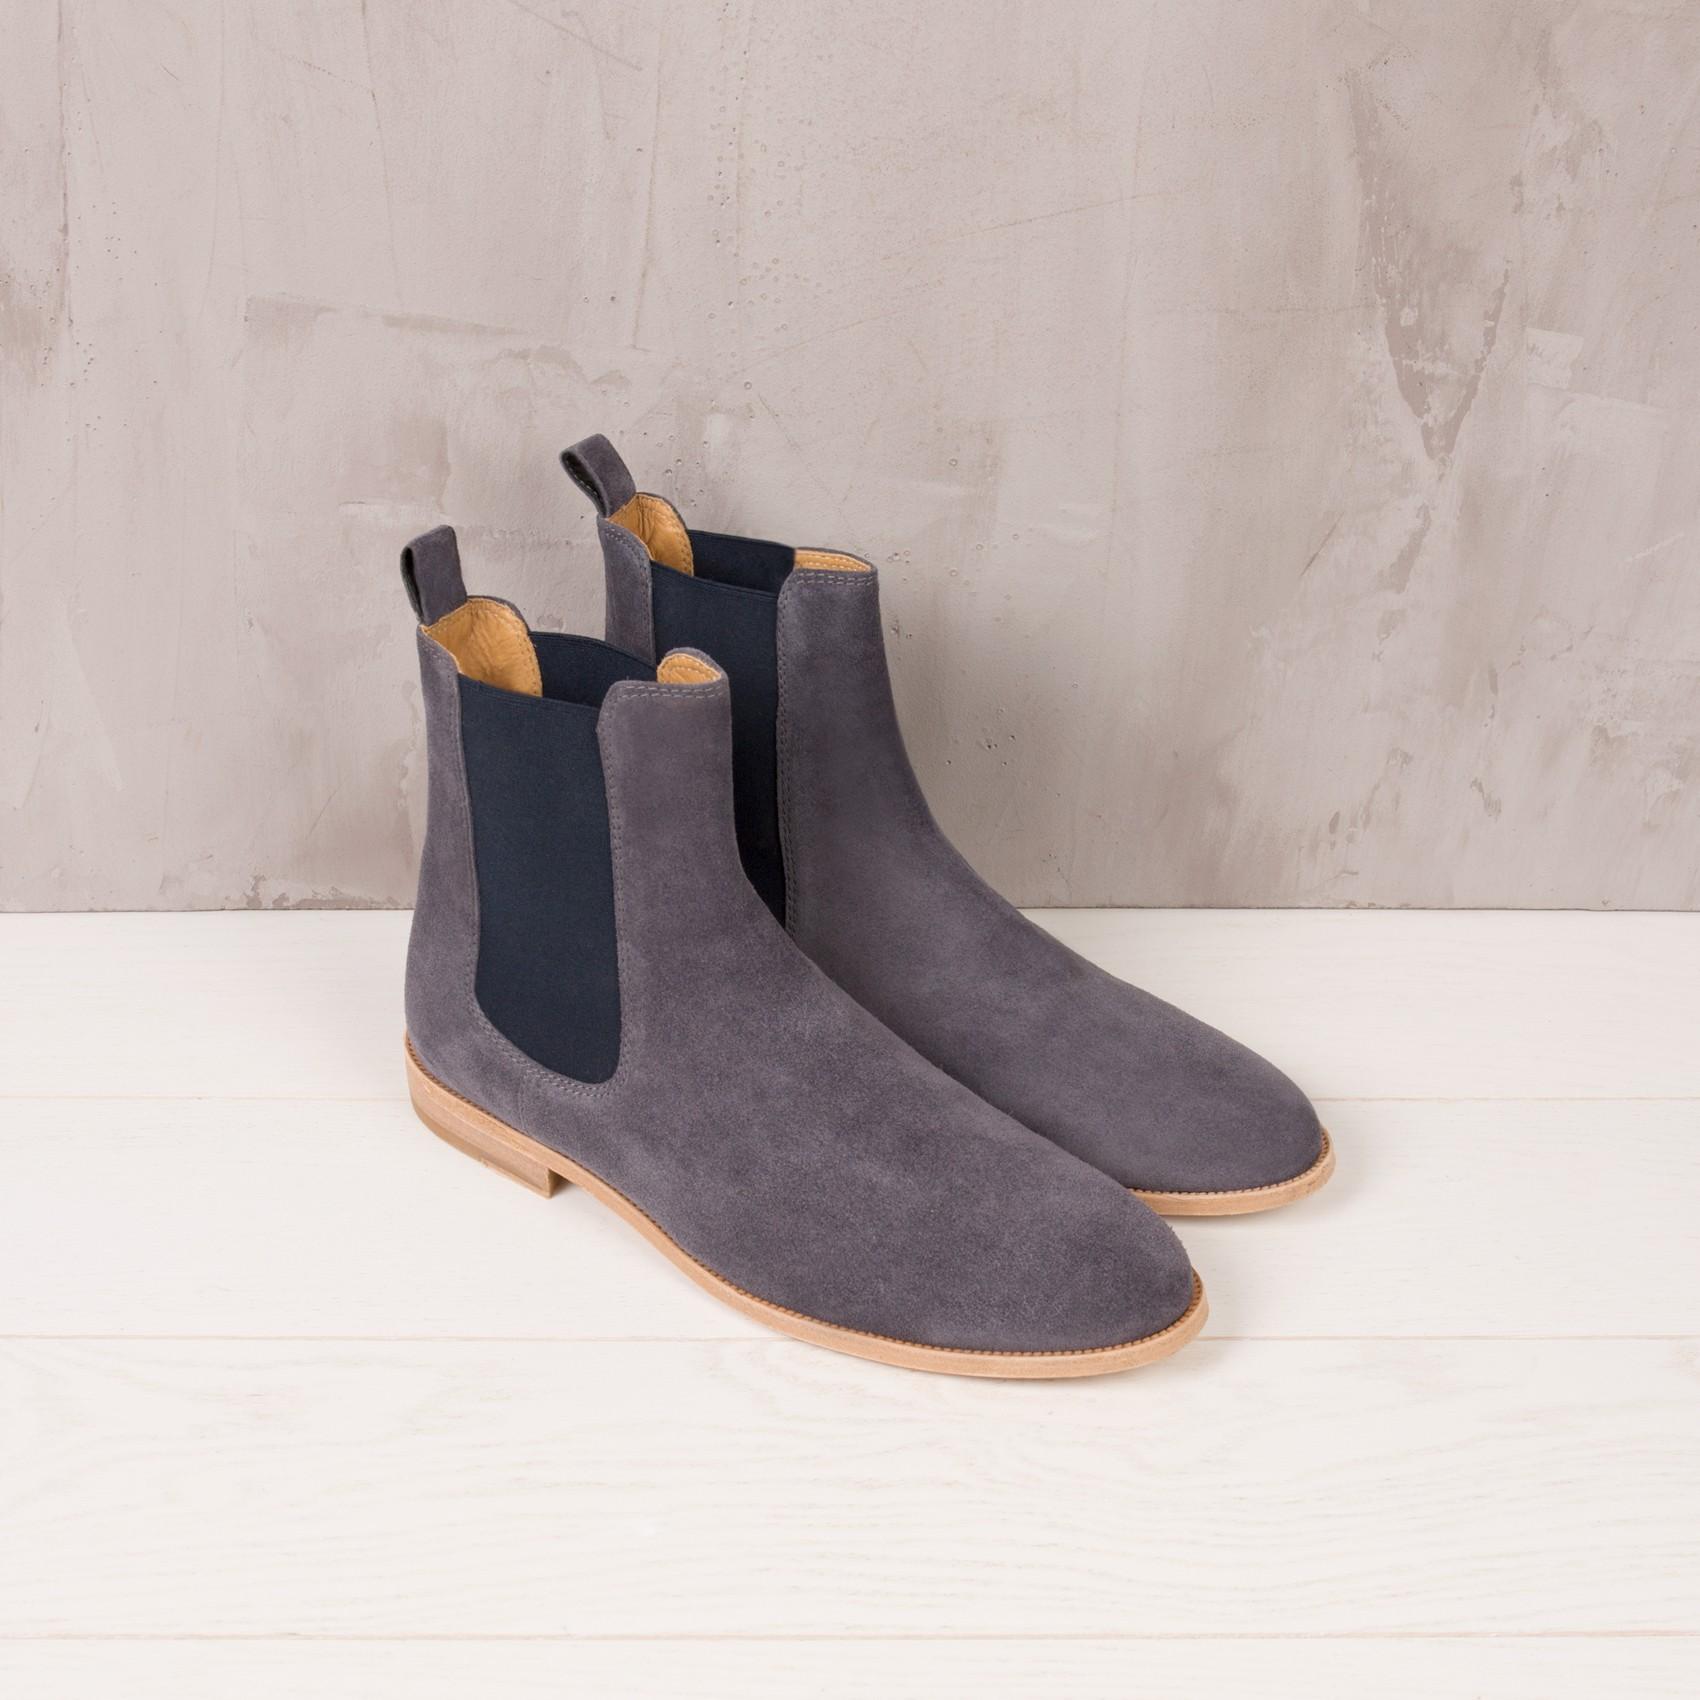 Chelsea Boots : Le Romanesque - Gris Anthracite